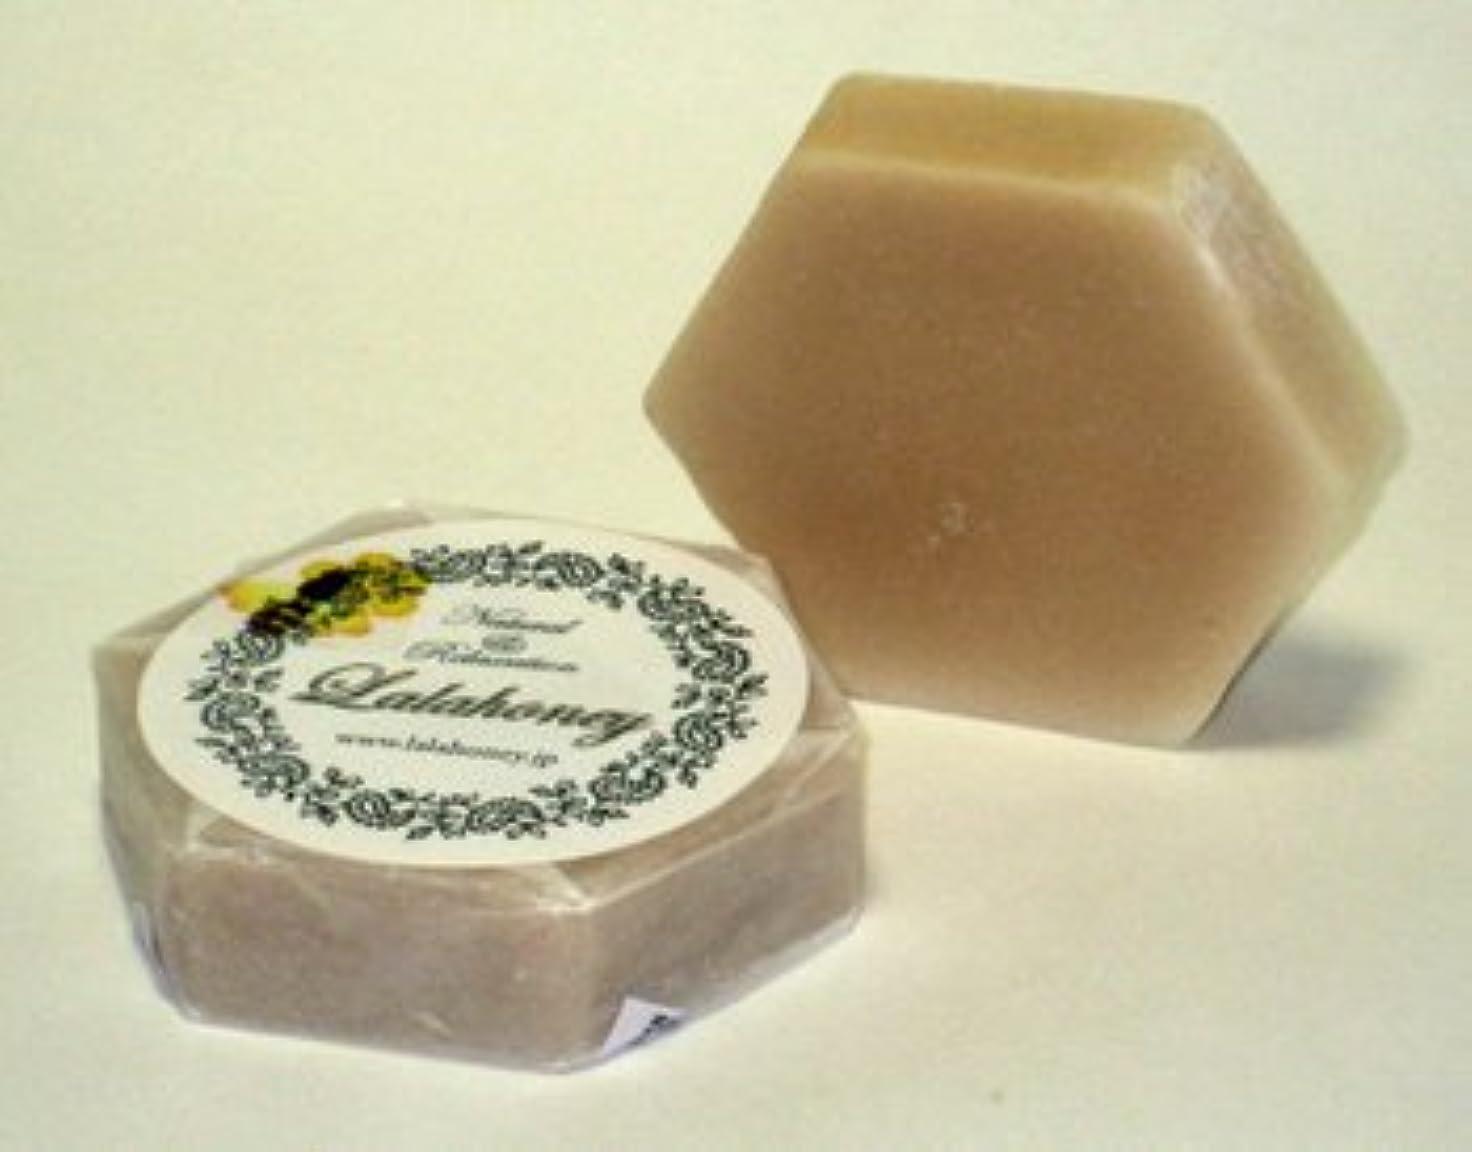 放射性安息入り口みつばちコスメシリーズ「LALAHONEY 石鹸(はちみつ) 40g×2個セット」